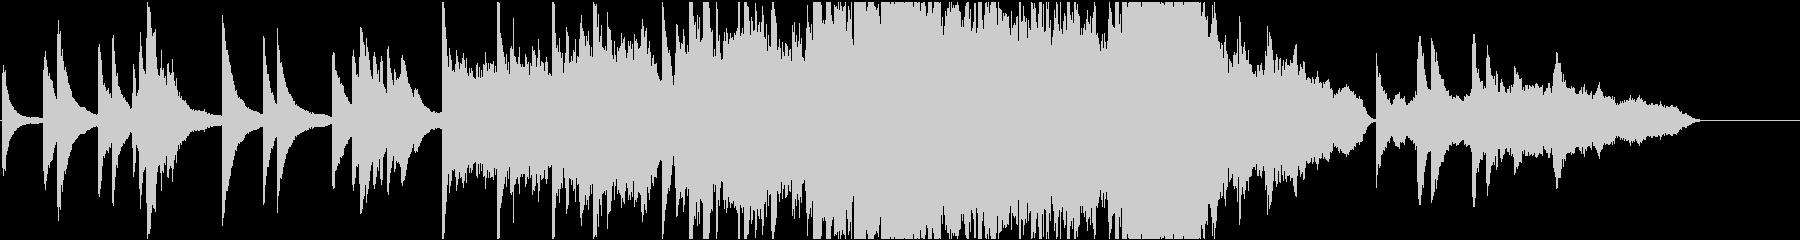 企業VP33 16bit48kHzVerの未再生の波形